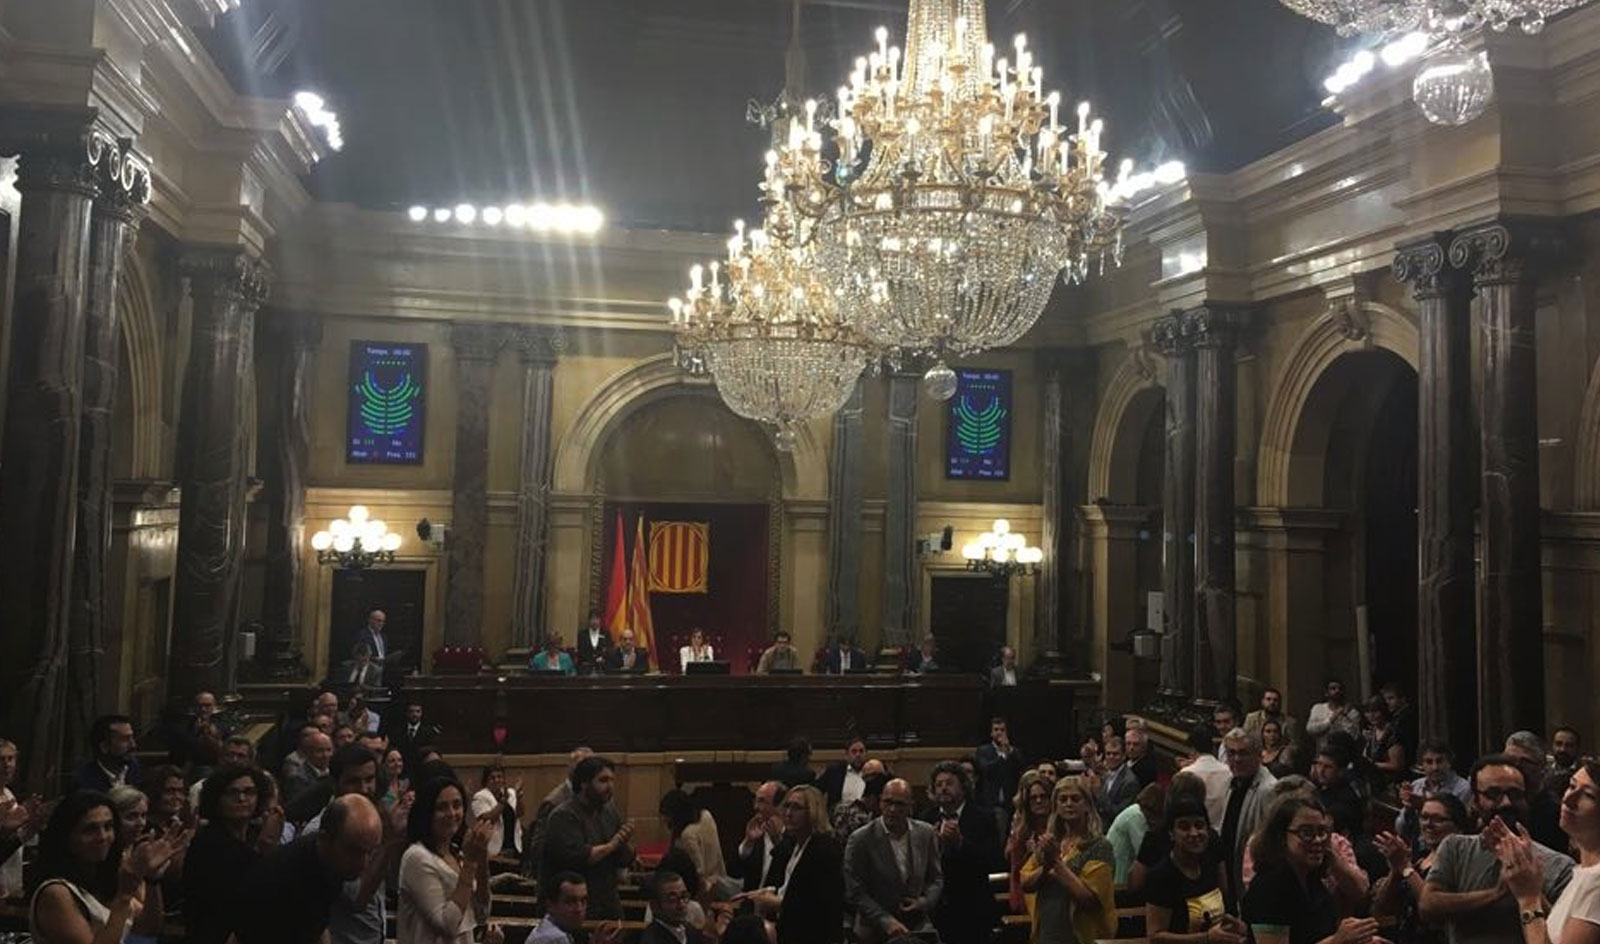 El Parlament de Catalunya, a favor de les Vies legals i segures per a les persones desplaçades forçosament